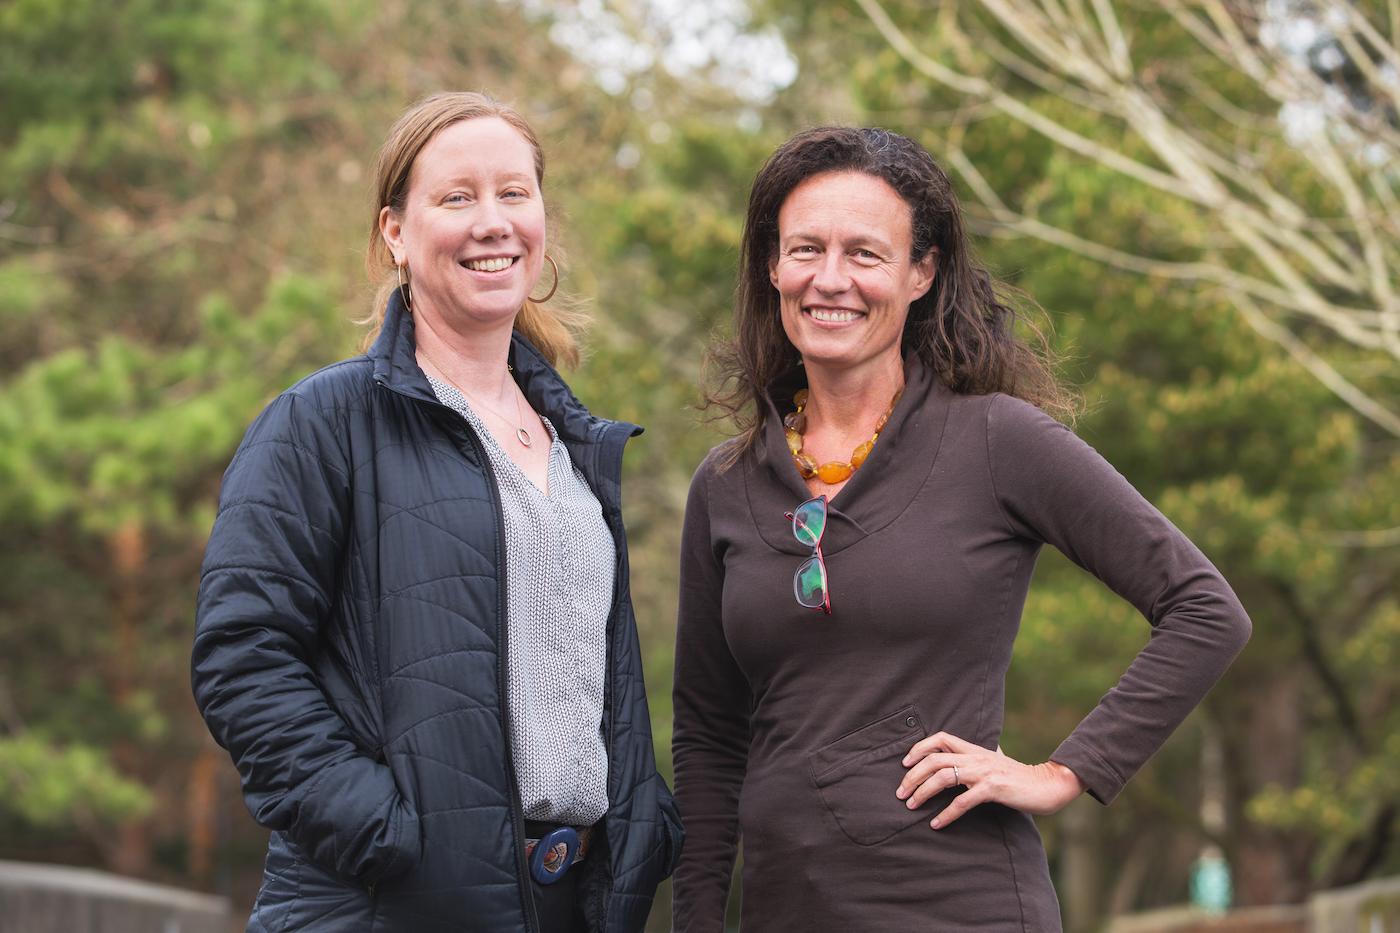 Pam Koehler, Sarah Gimbel